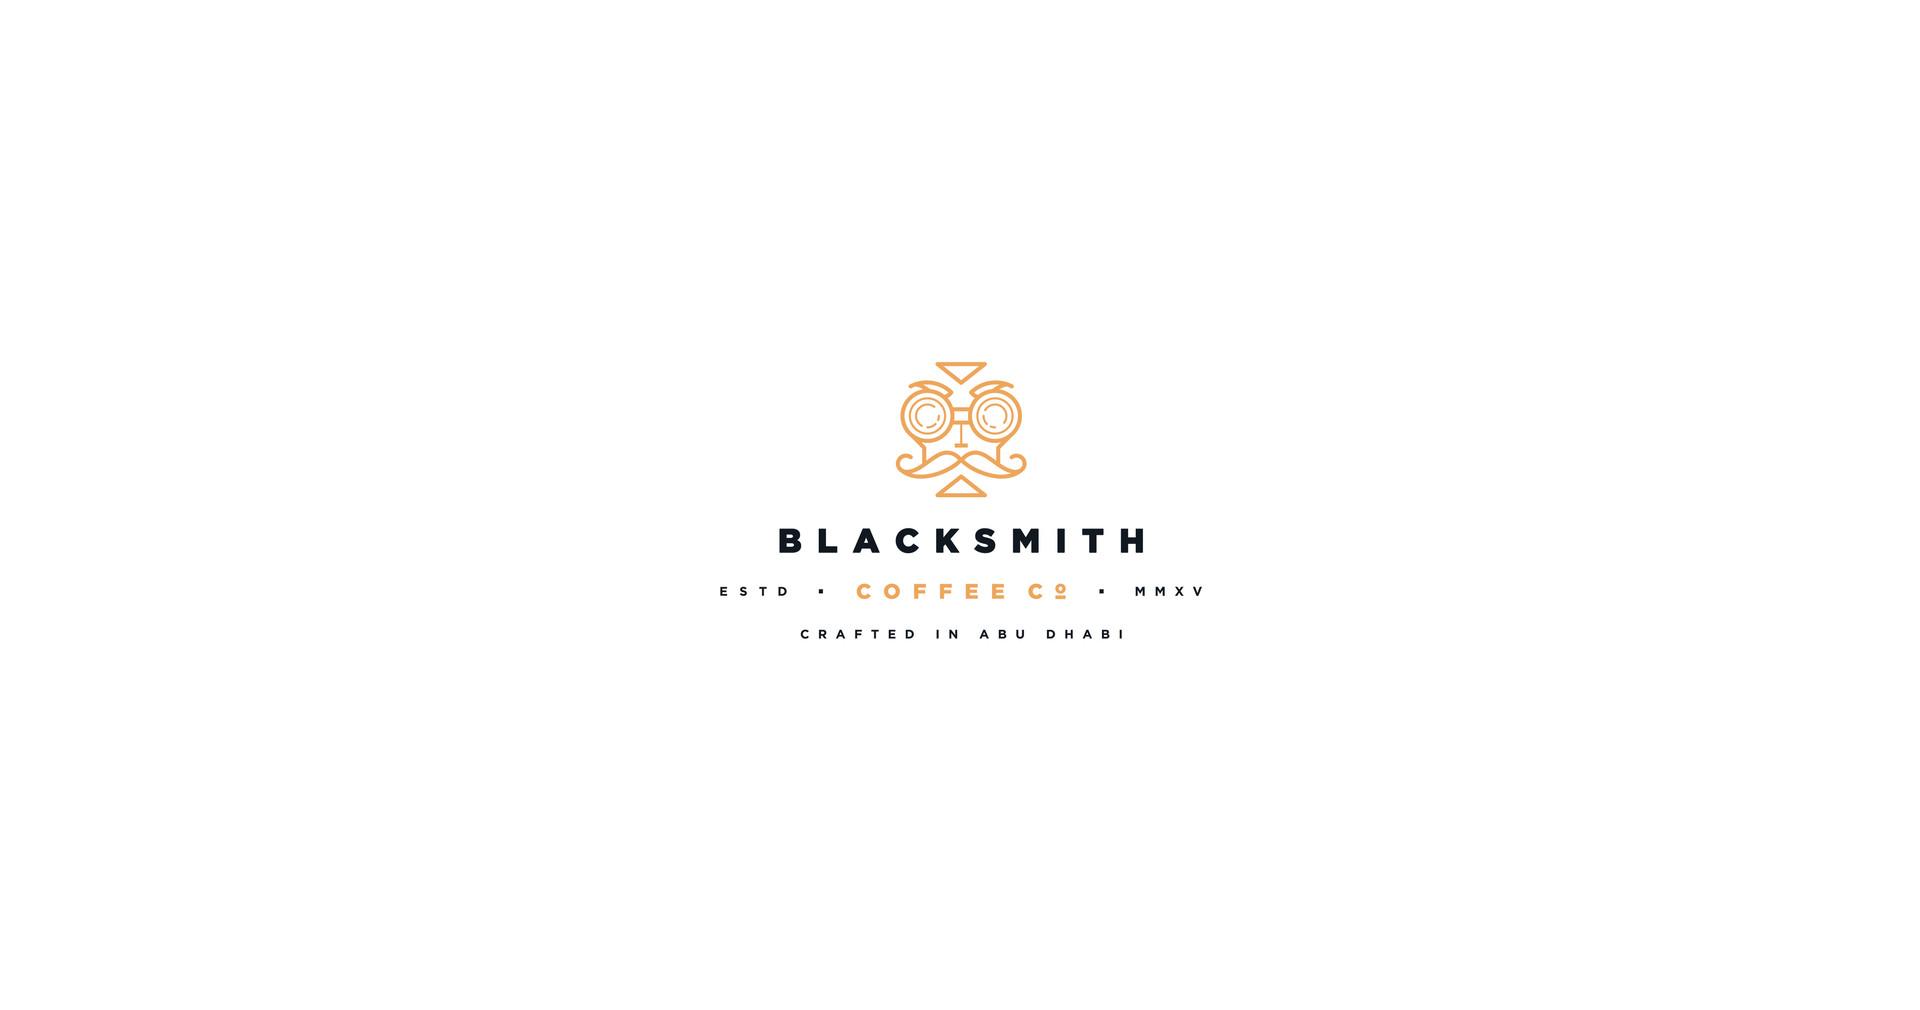 Blacksmith-full-logo-on-black.jpg